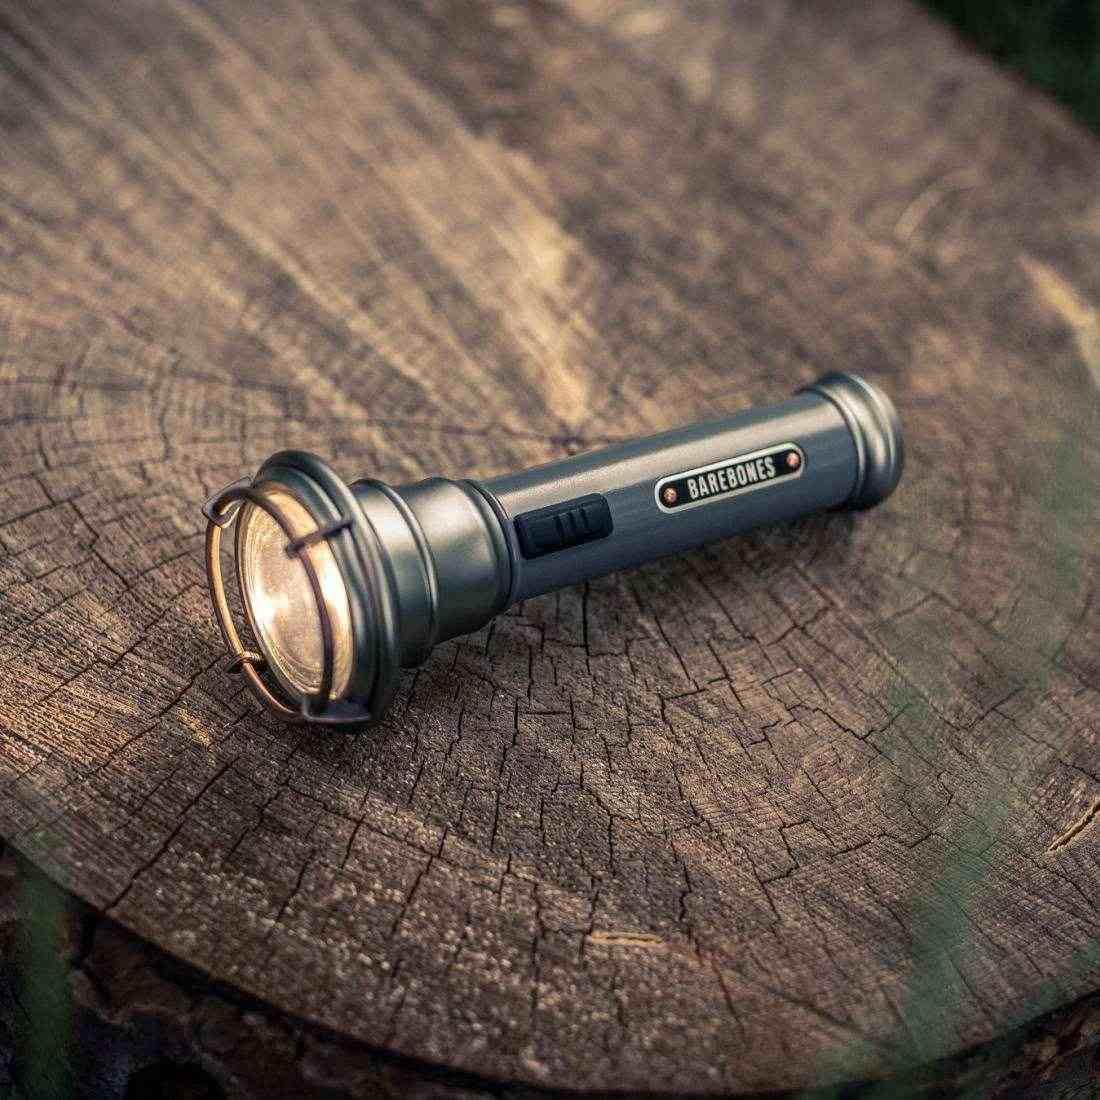 ベアボーンズ リビング ビンテージ フラッシュライトLED ランタン  国内正規品